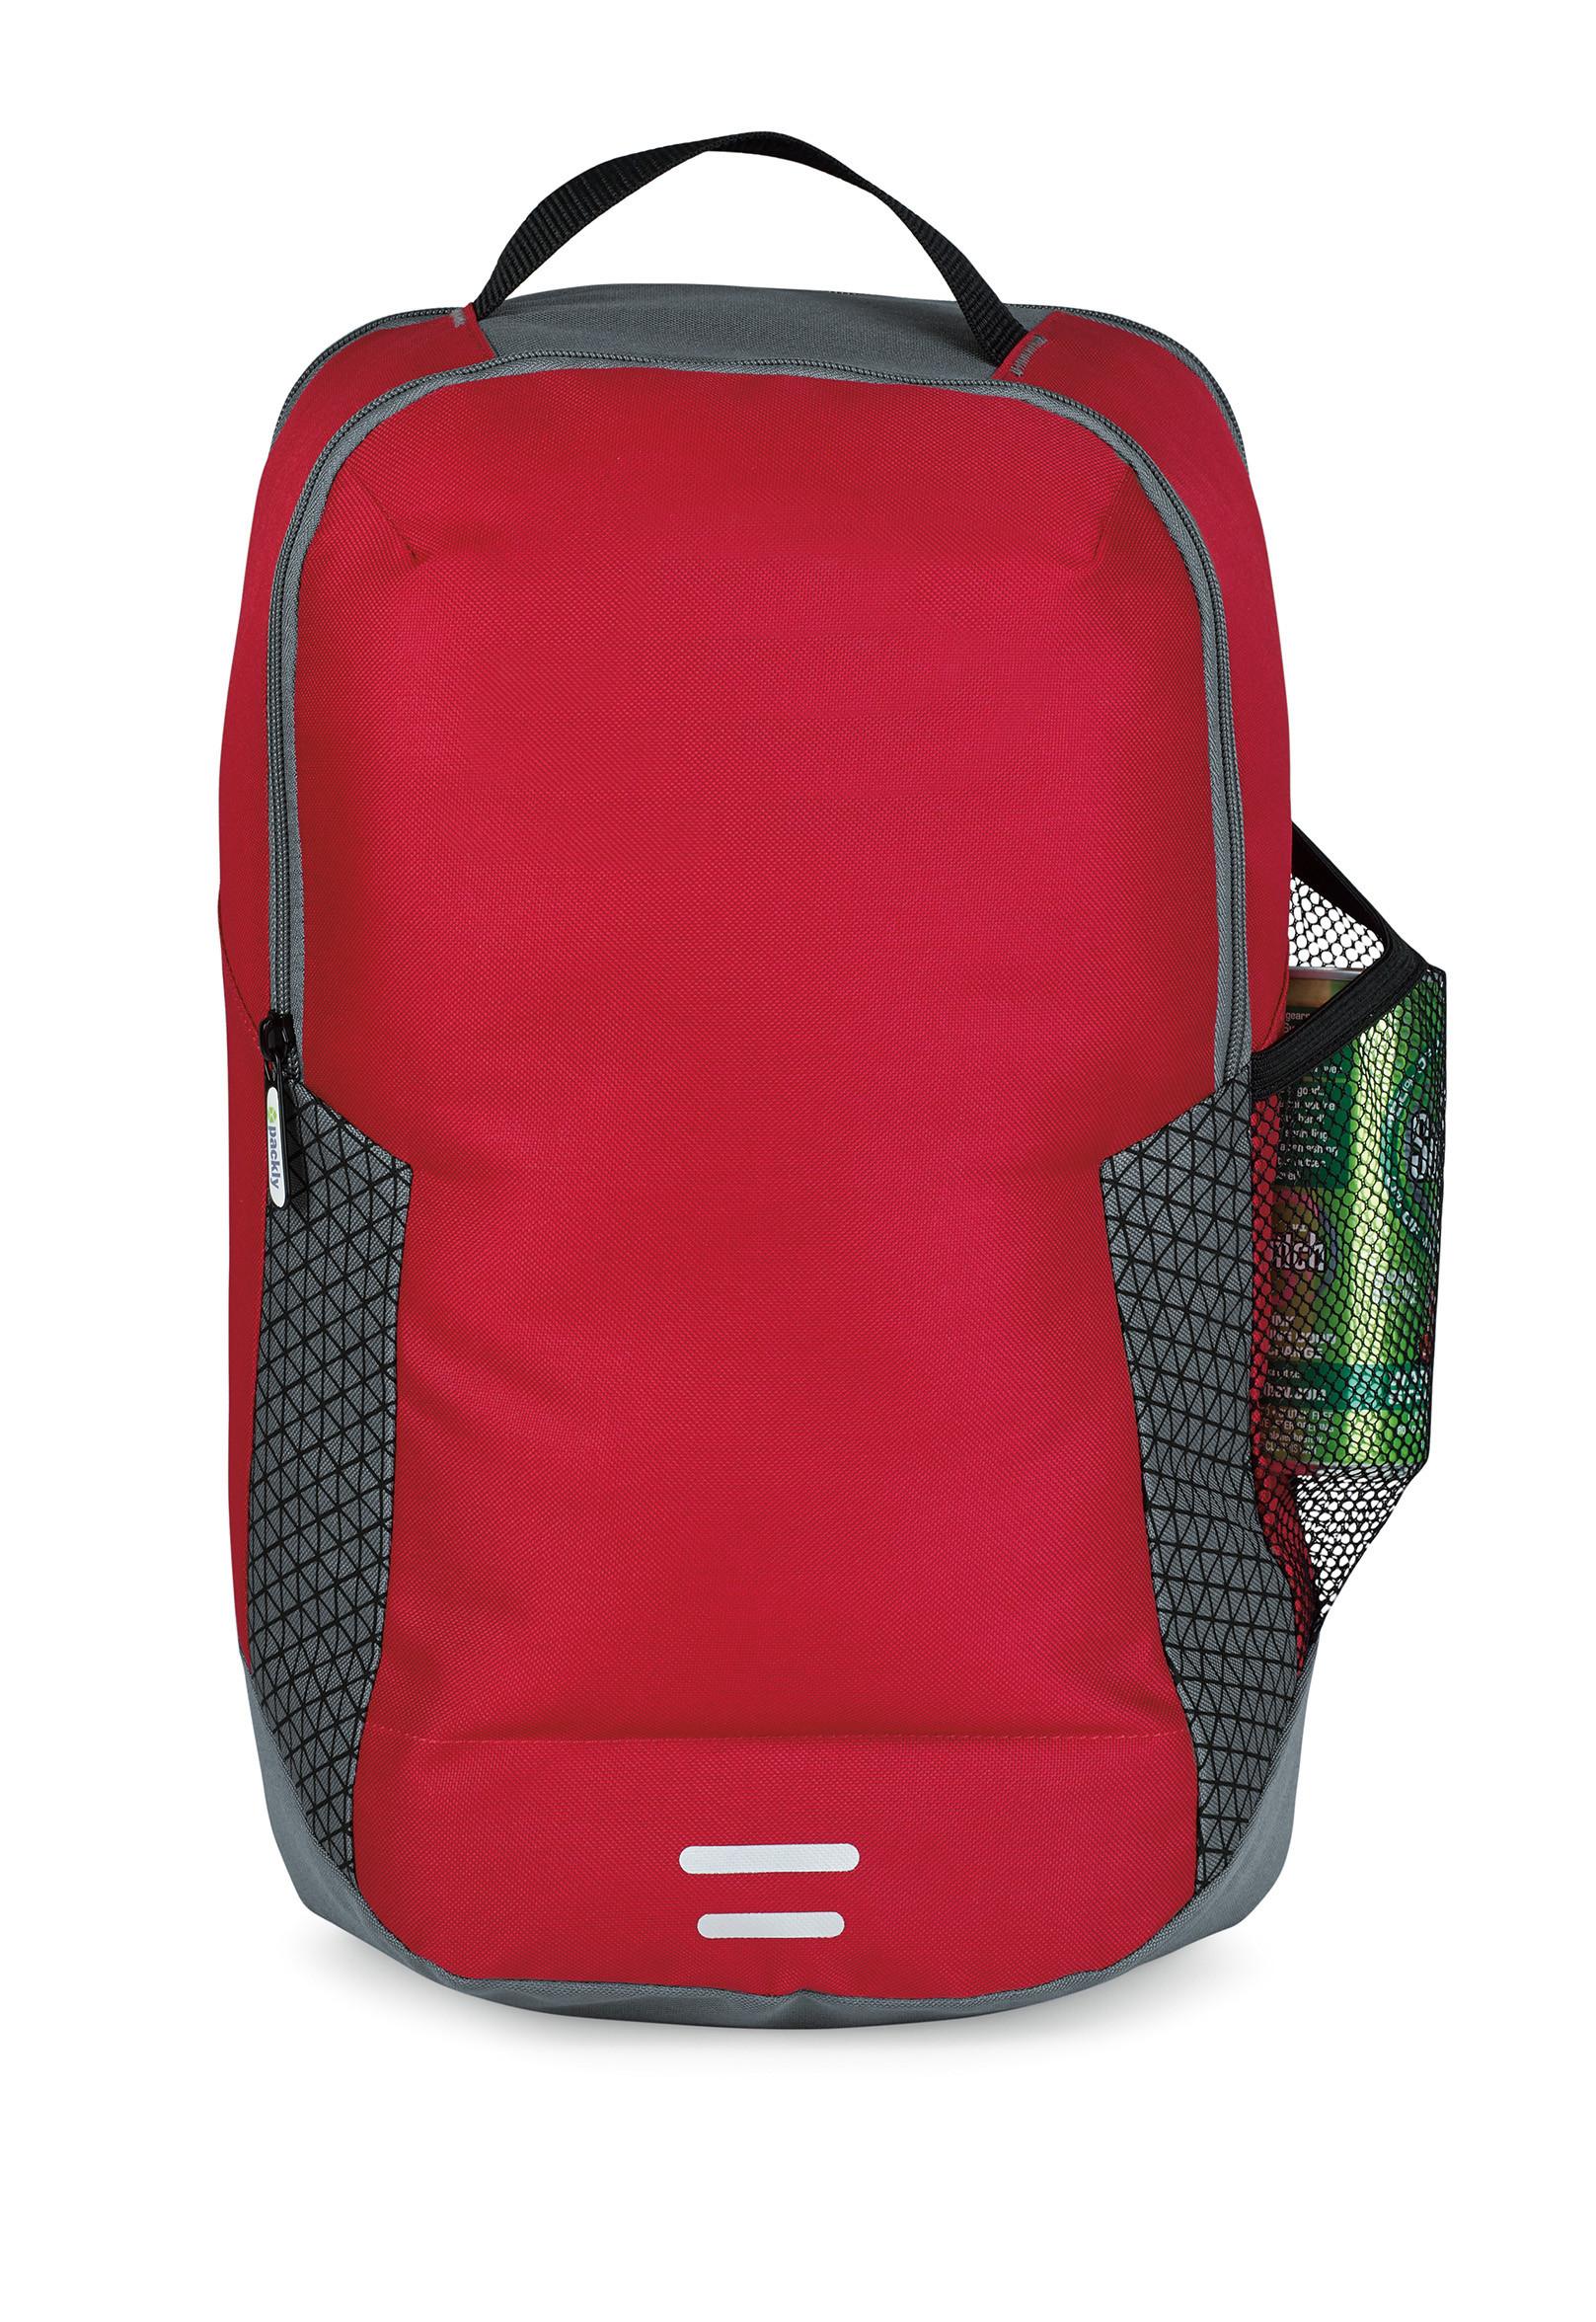 Gemline 5326 - Freedom Backpack